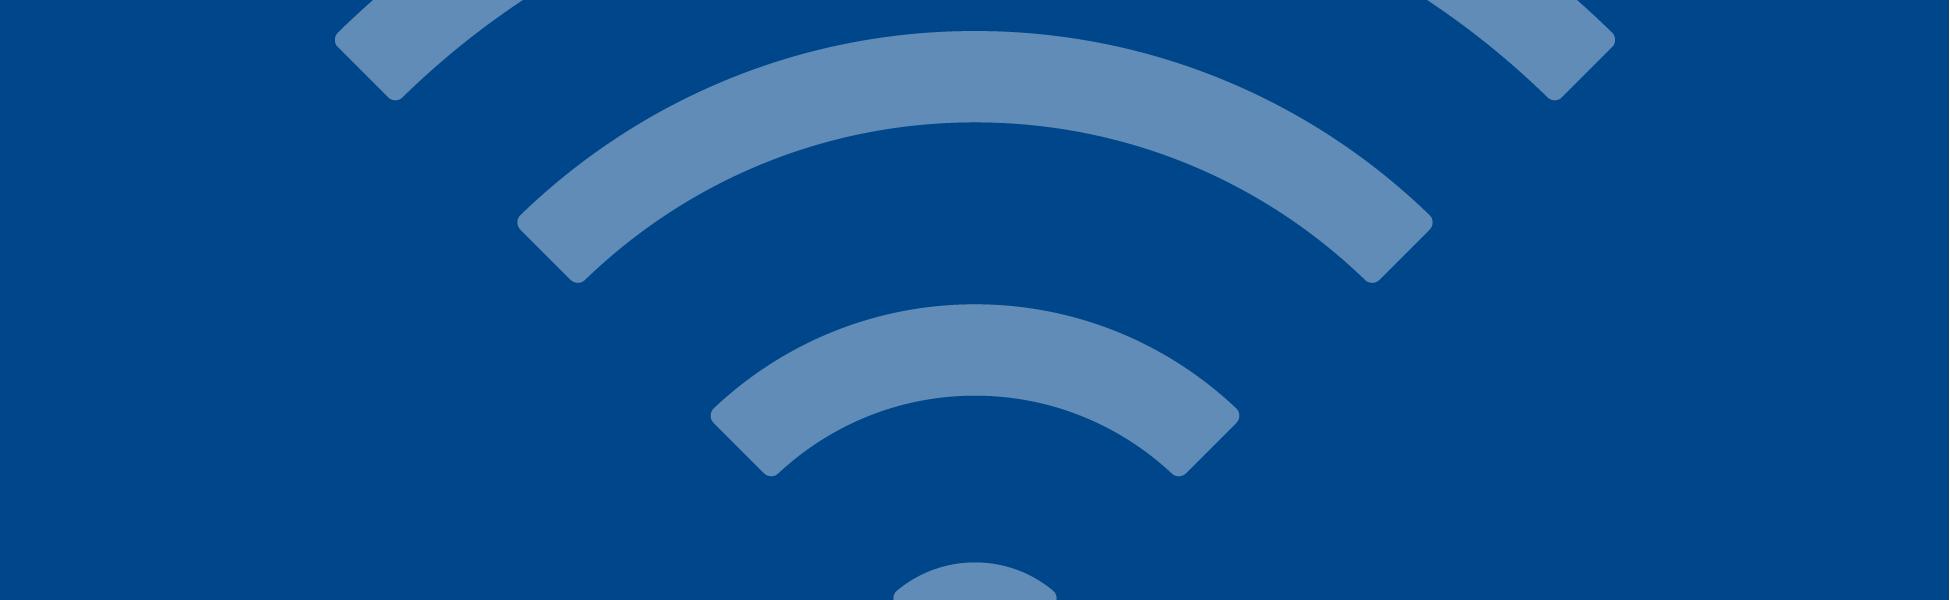 ネット接続は、不要。